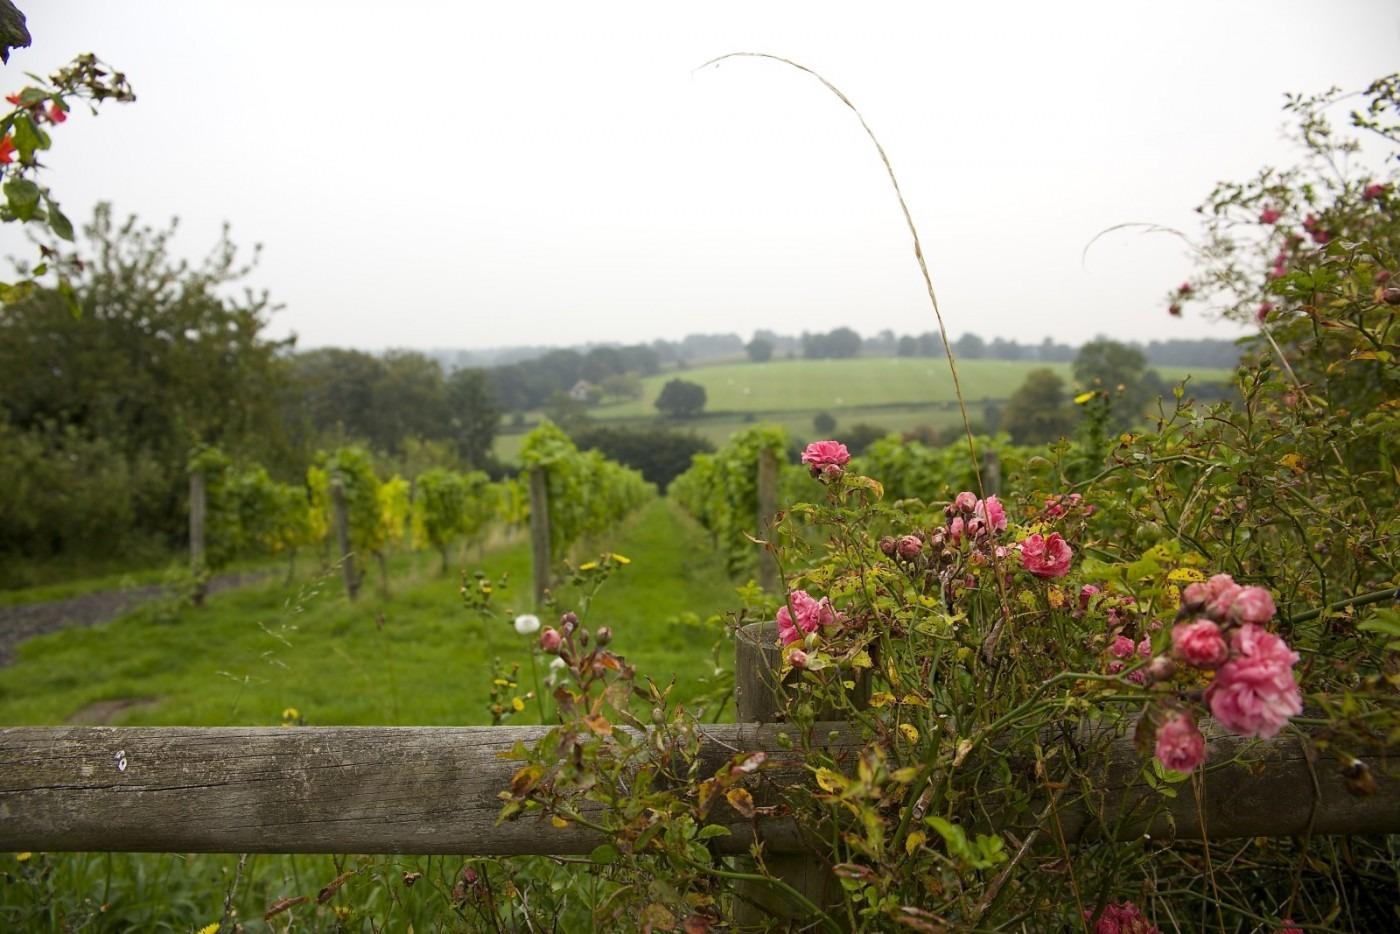 Vineyard roses